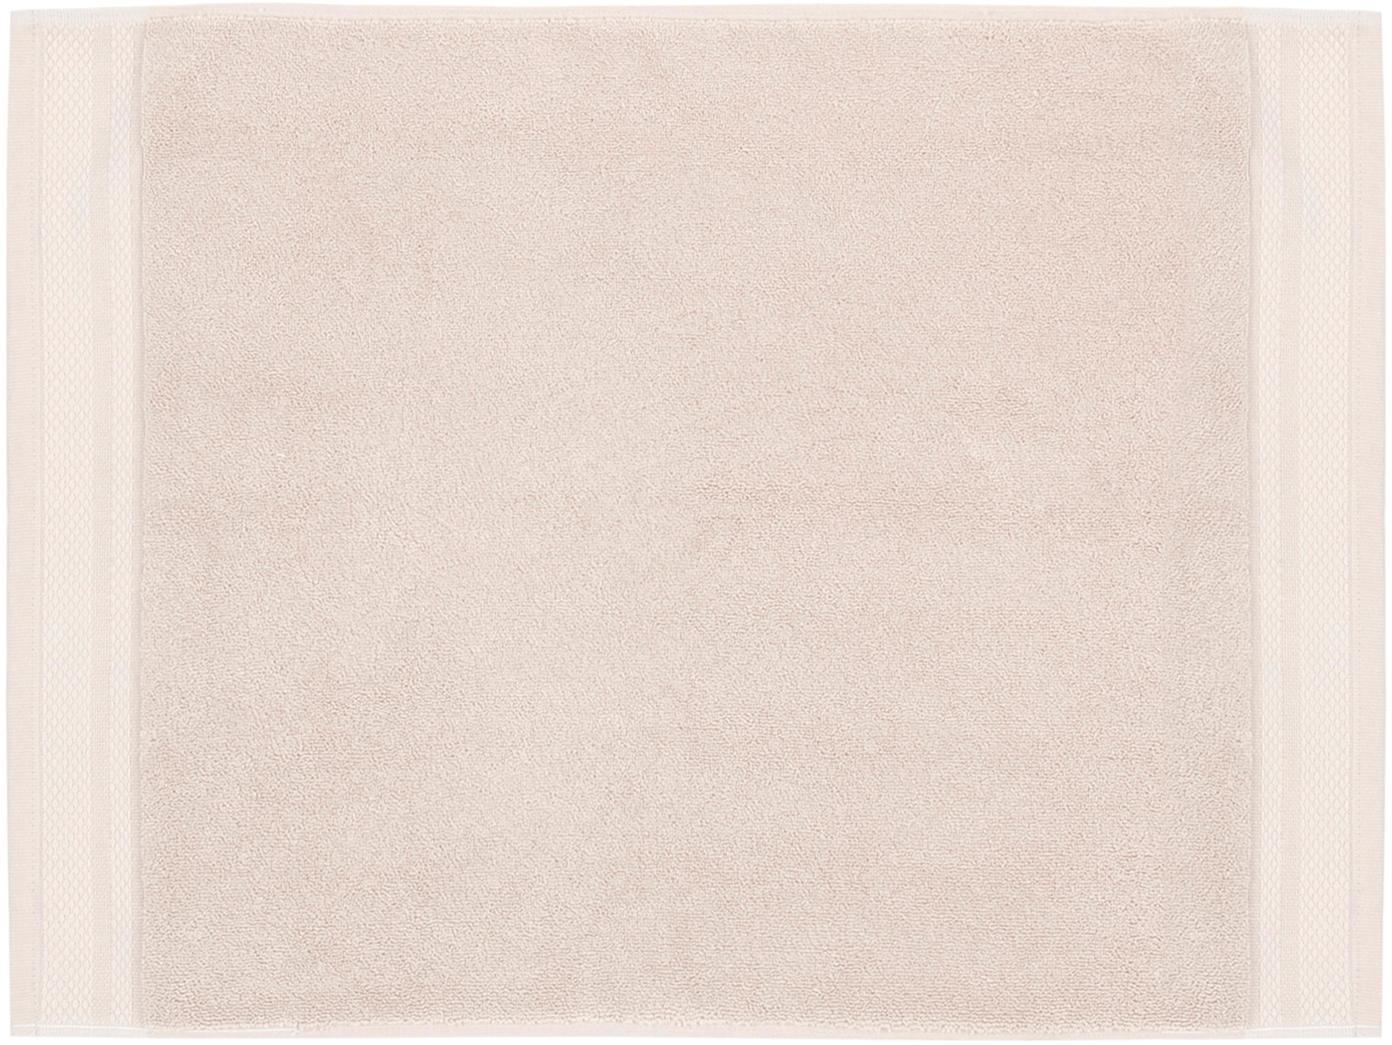 Badmat Premium, antislip, Beige, 50 x 70 cm